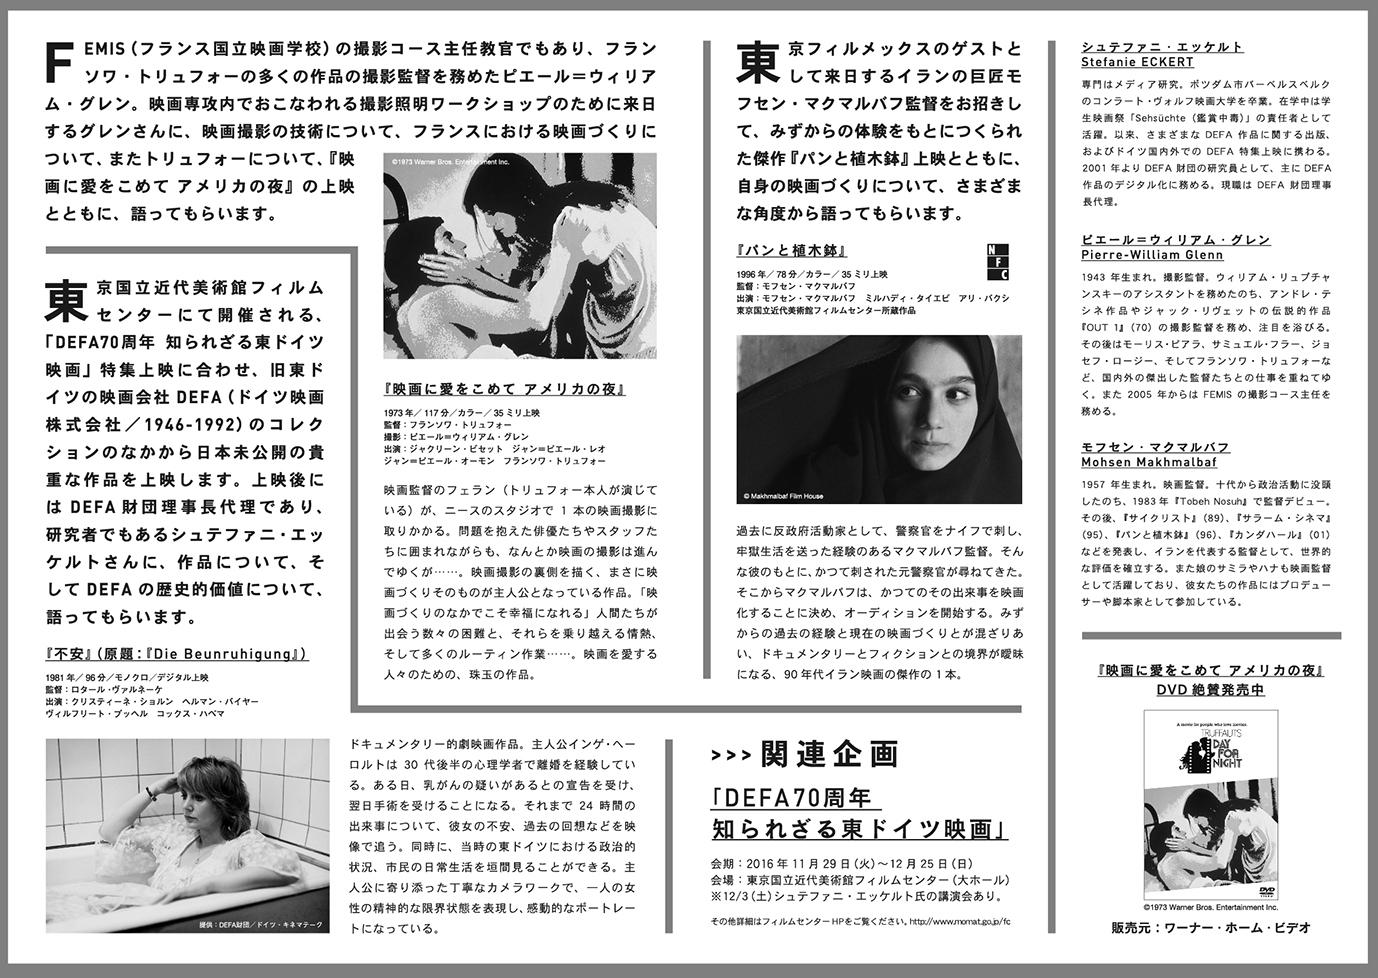 『アメリカの夜』撮影監督も登場 フランス・イラン・旧東ドイツ映画が横浜で上映